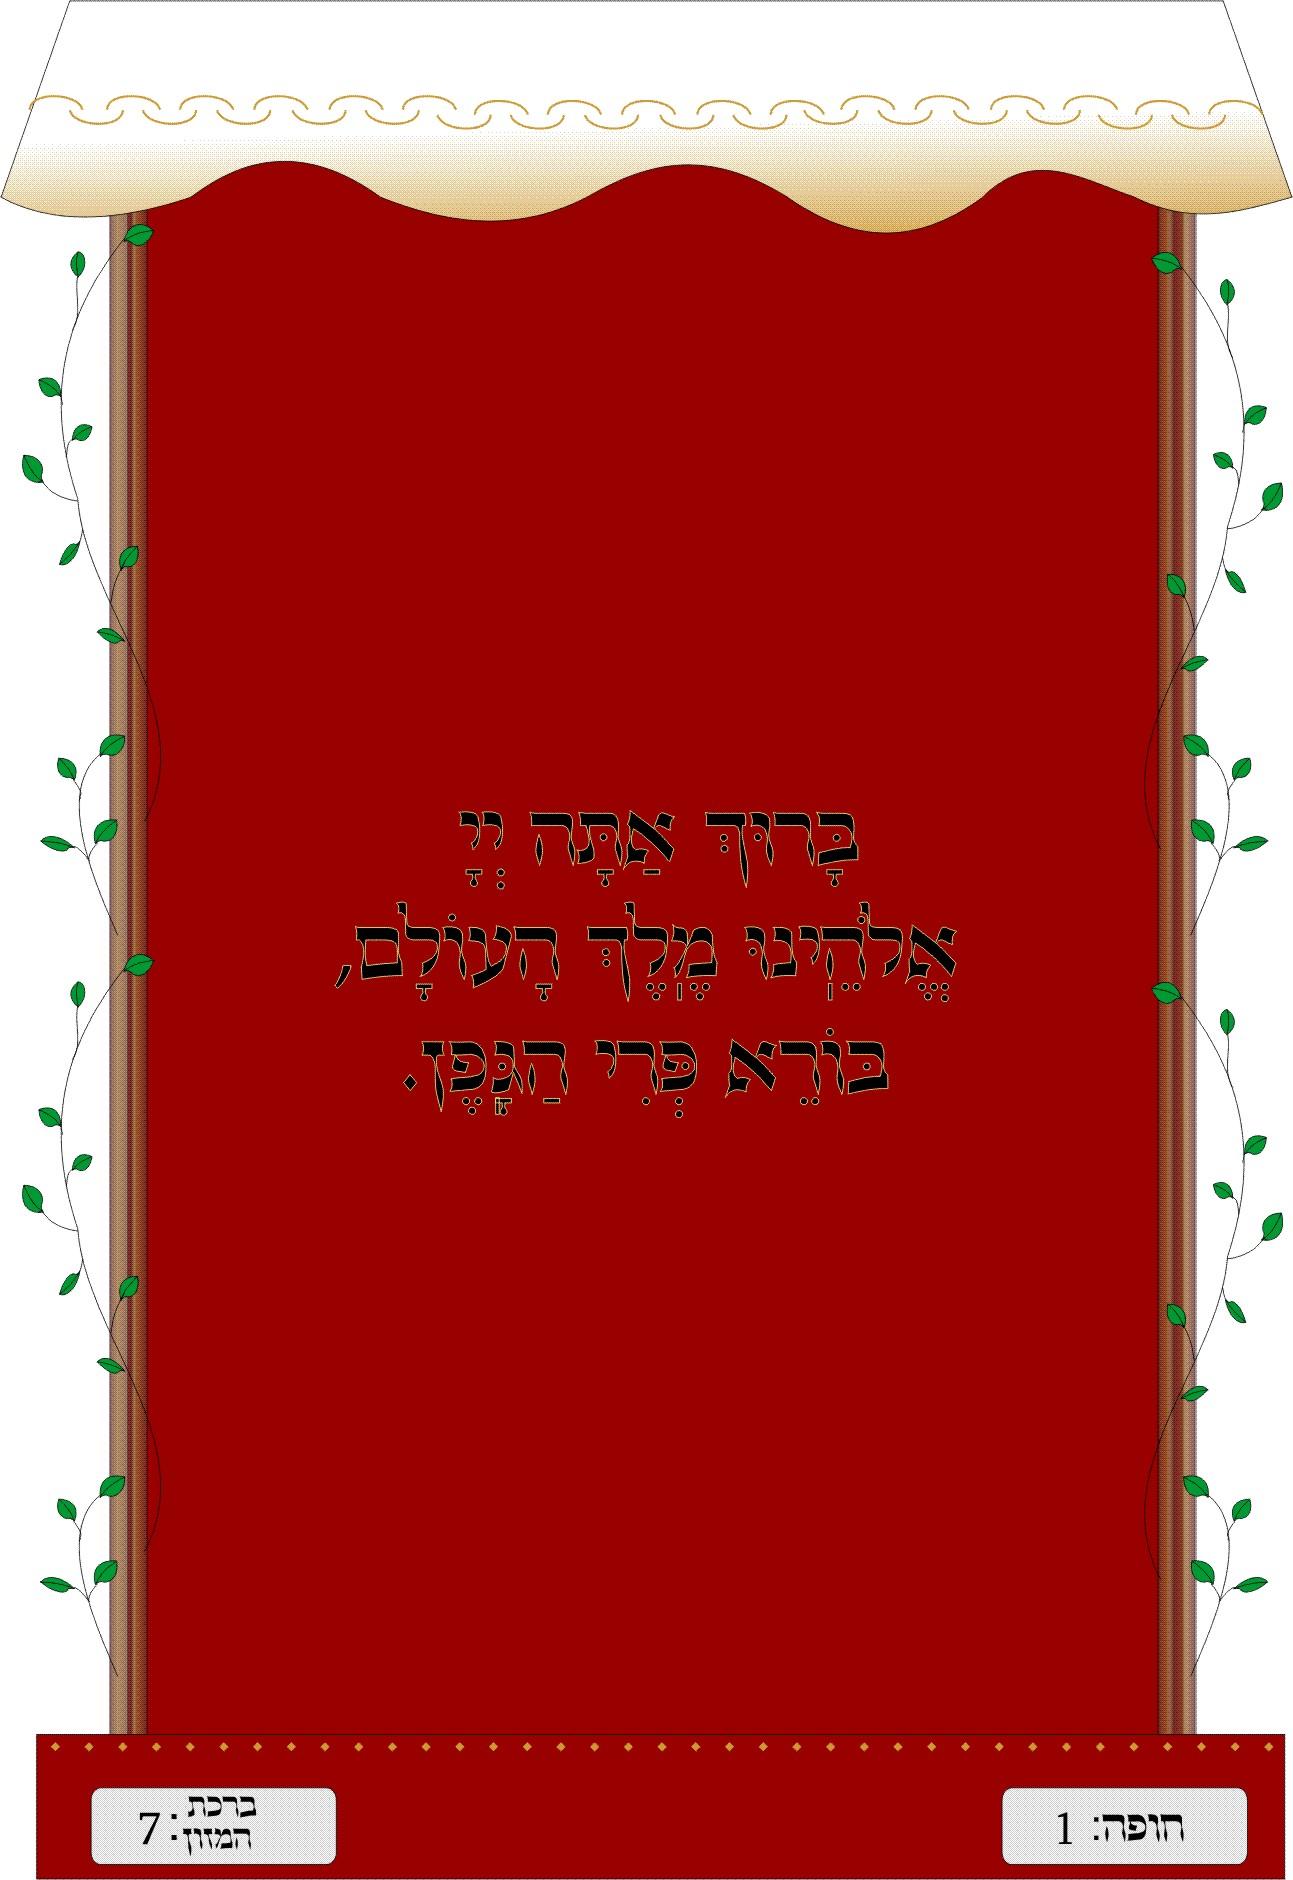 Sheva Brachot - Blessing #1